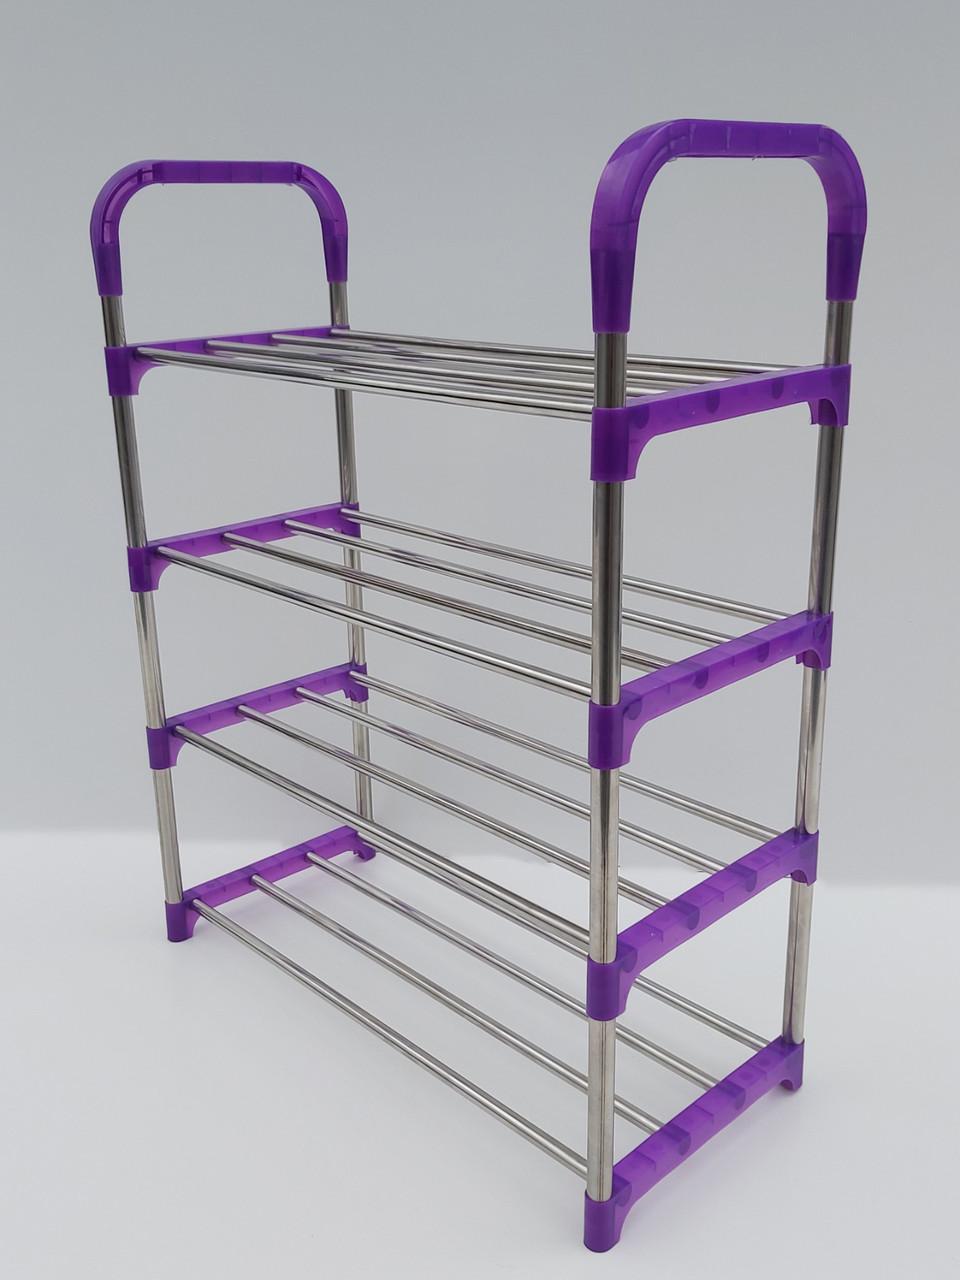 Д 52 * Ш 23,5 * У 65,5 см. Полка для взуття фіолетового кольору на 4 яруси.